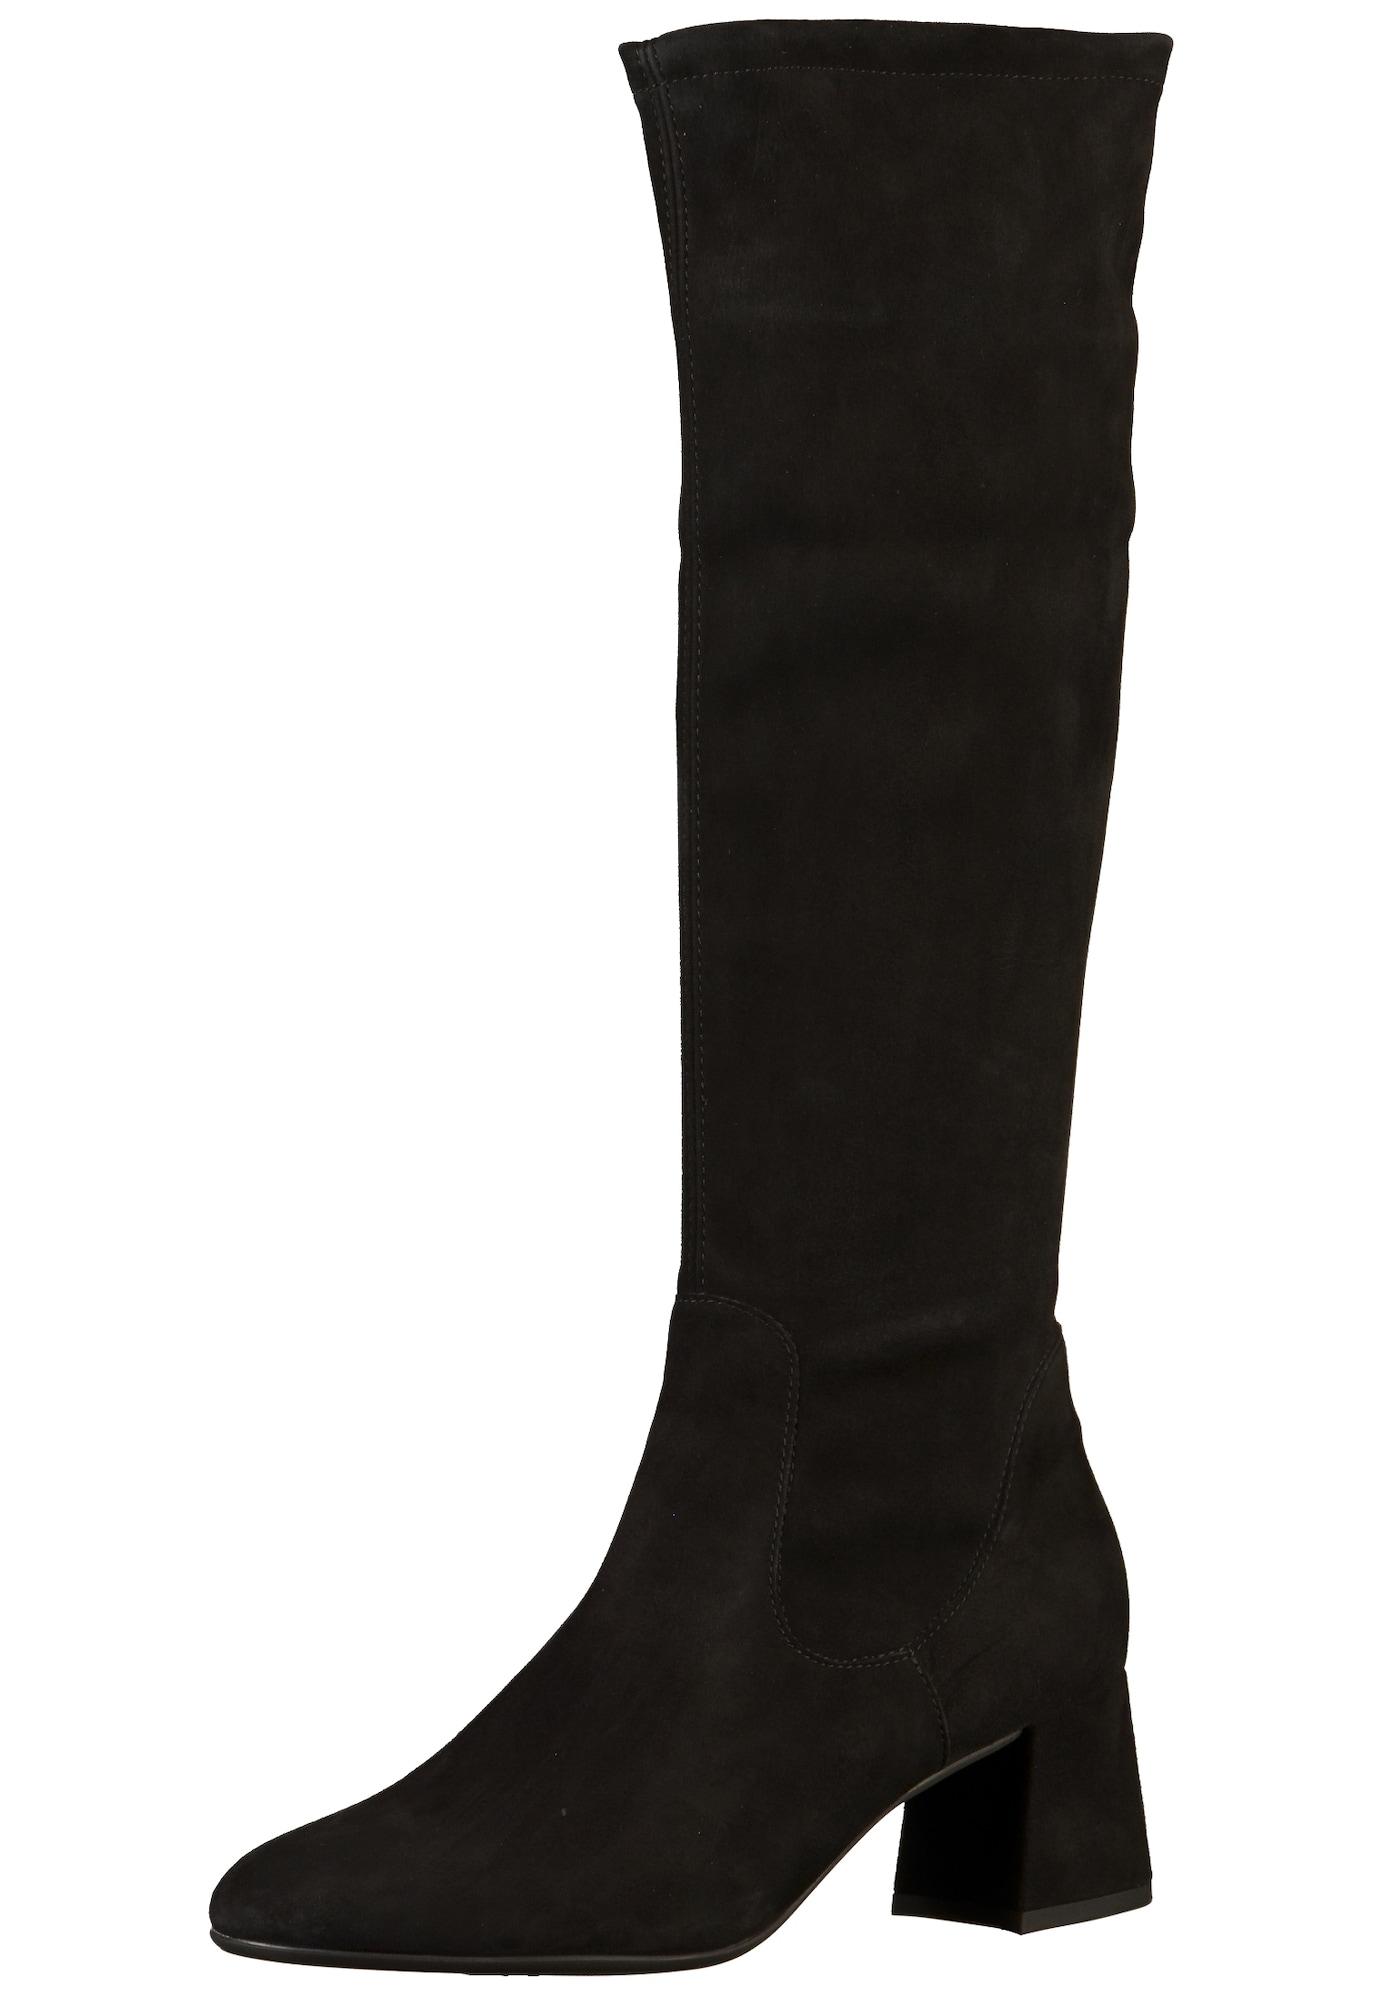 PETER KAISER, Dames Overknee laarzen, zwart